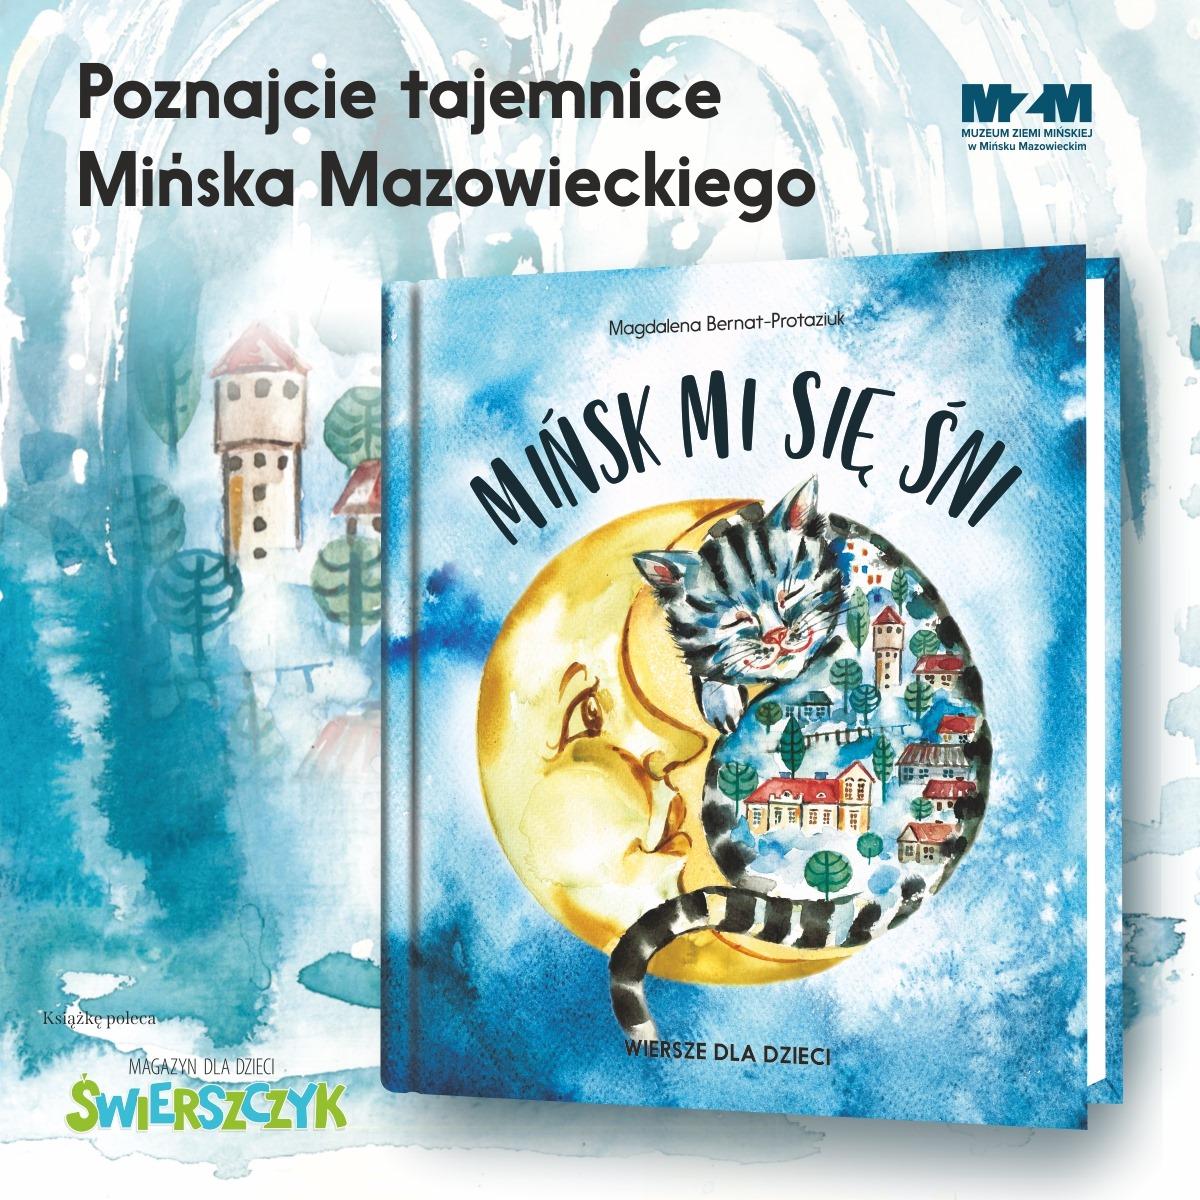 ksiażeczka dla dzieci z księżycem i kotkiem na okładce w tle okadka świerszczyka